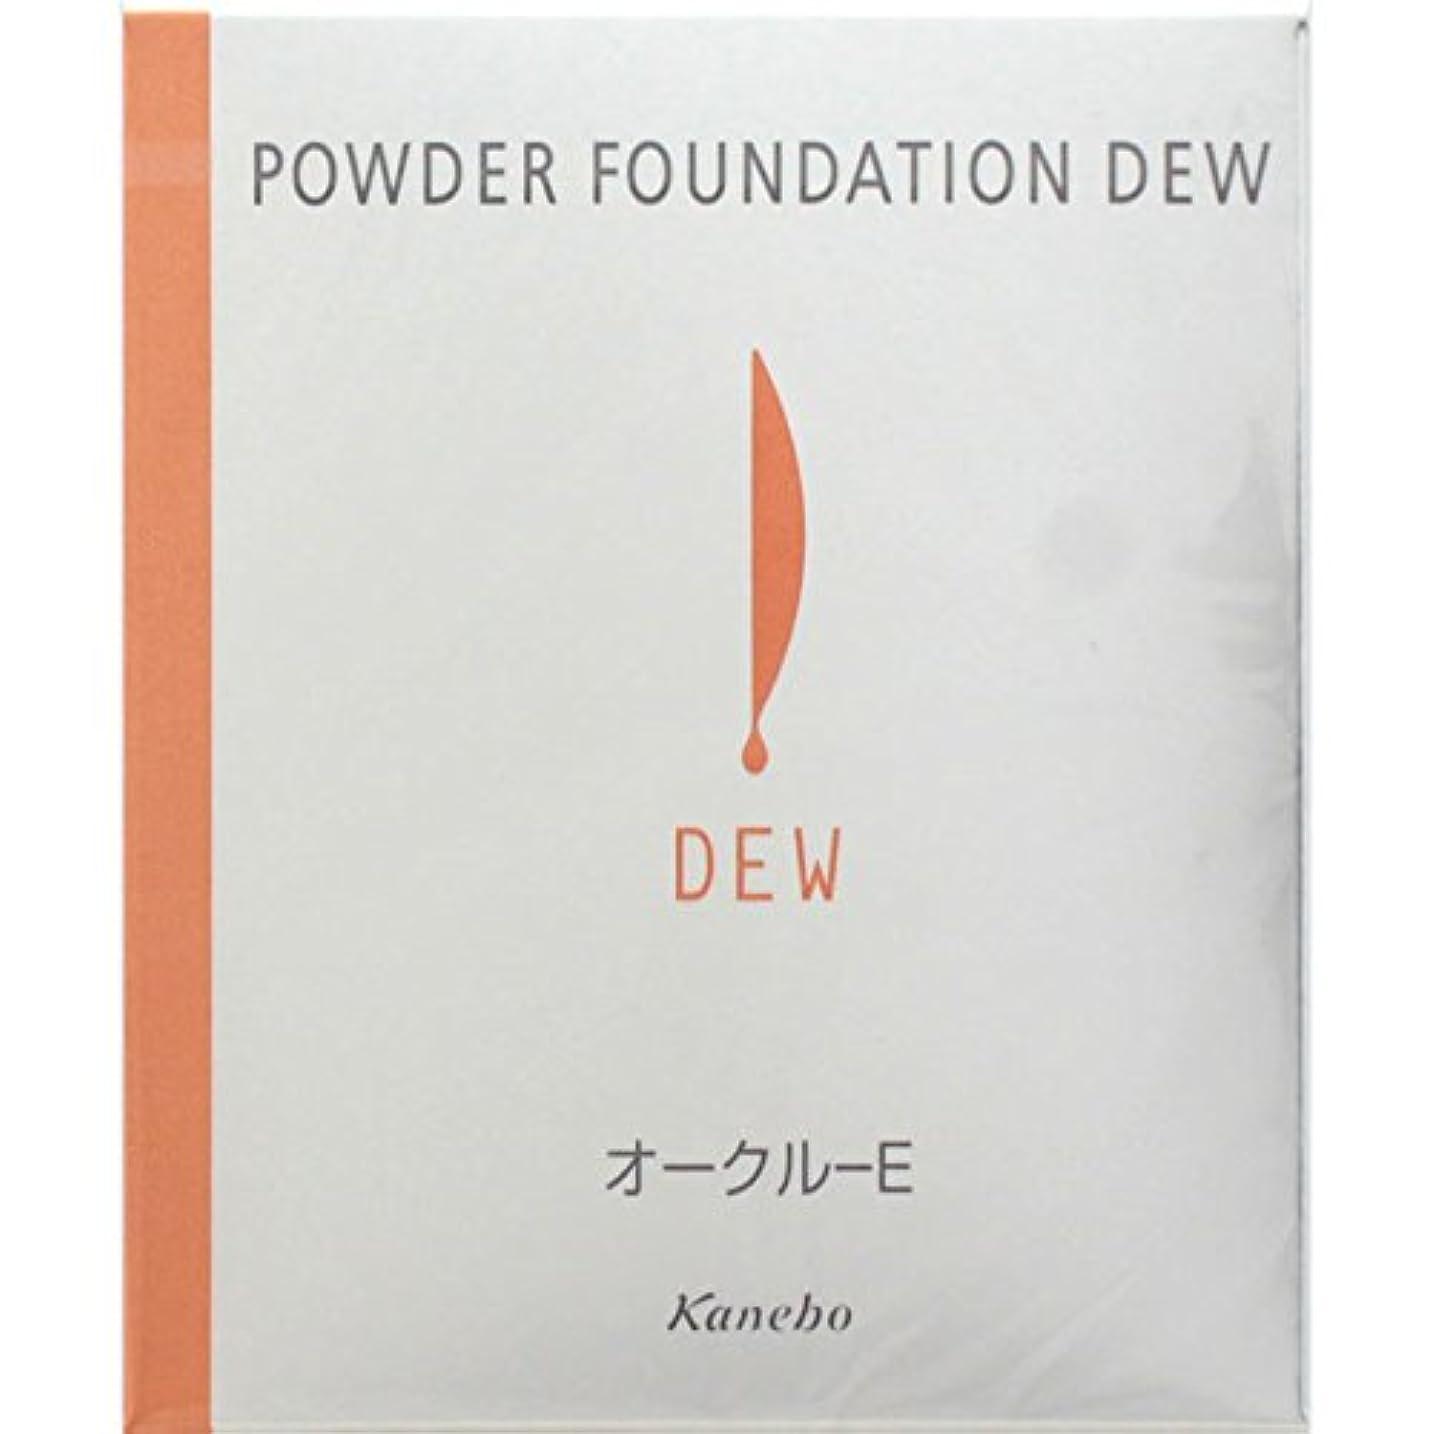 繊維地域の頭の上カネボウ DEW パウダーファンデーションデュウ (詰め替え用) オークルE